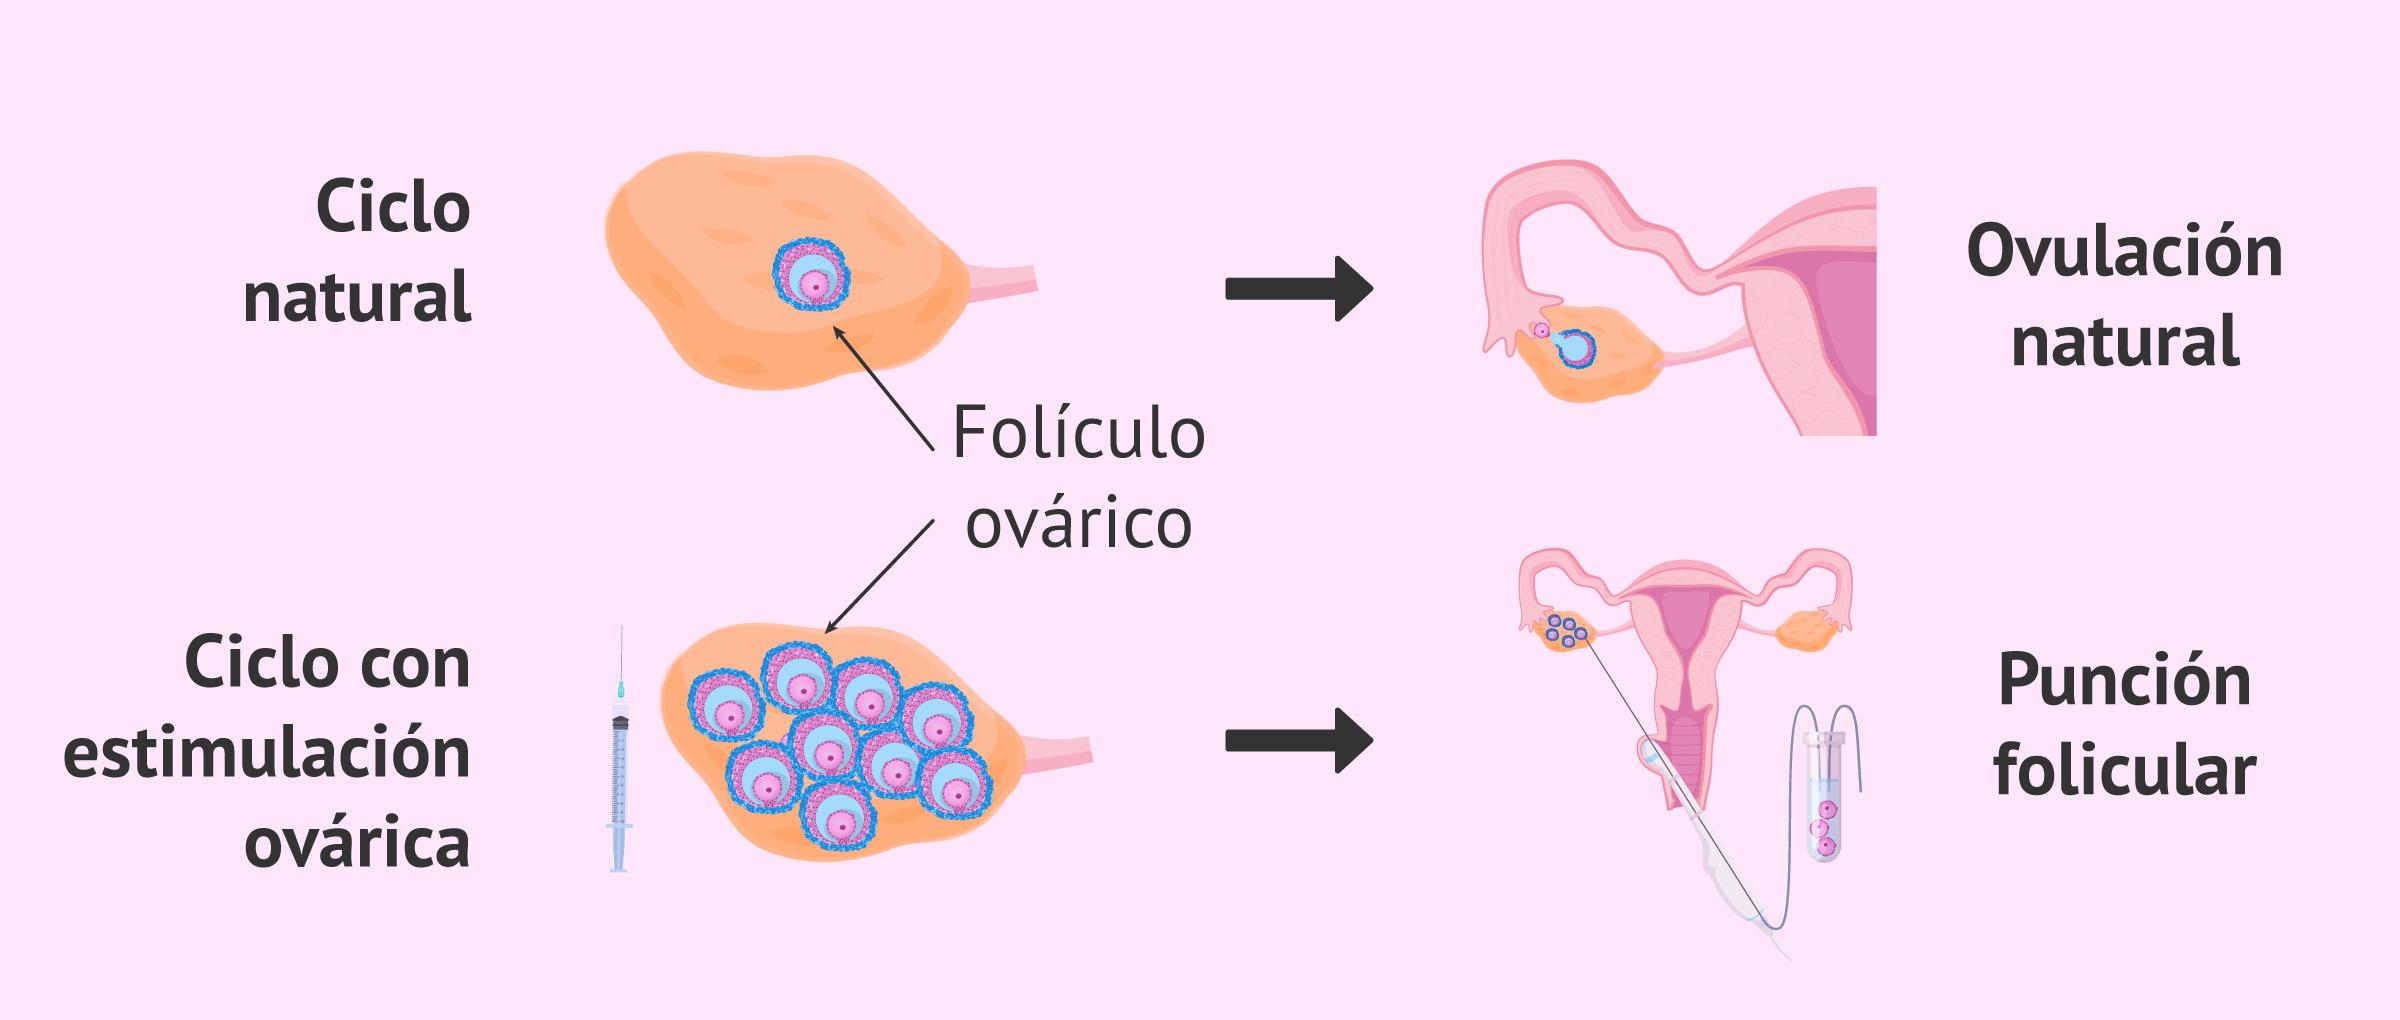 Ciclo natural y ciclo estimulado en la mujer